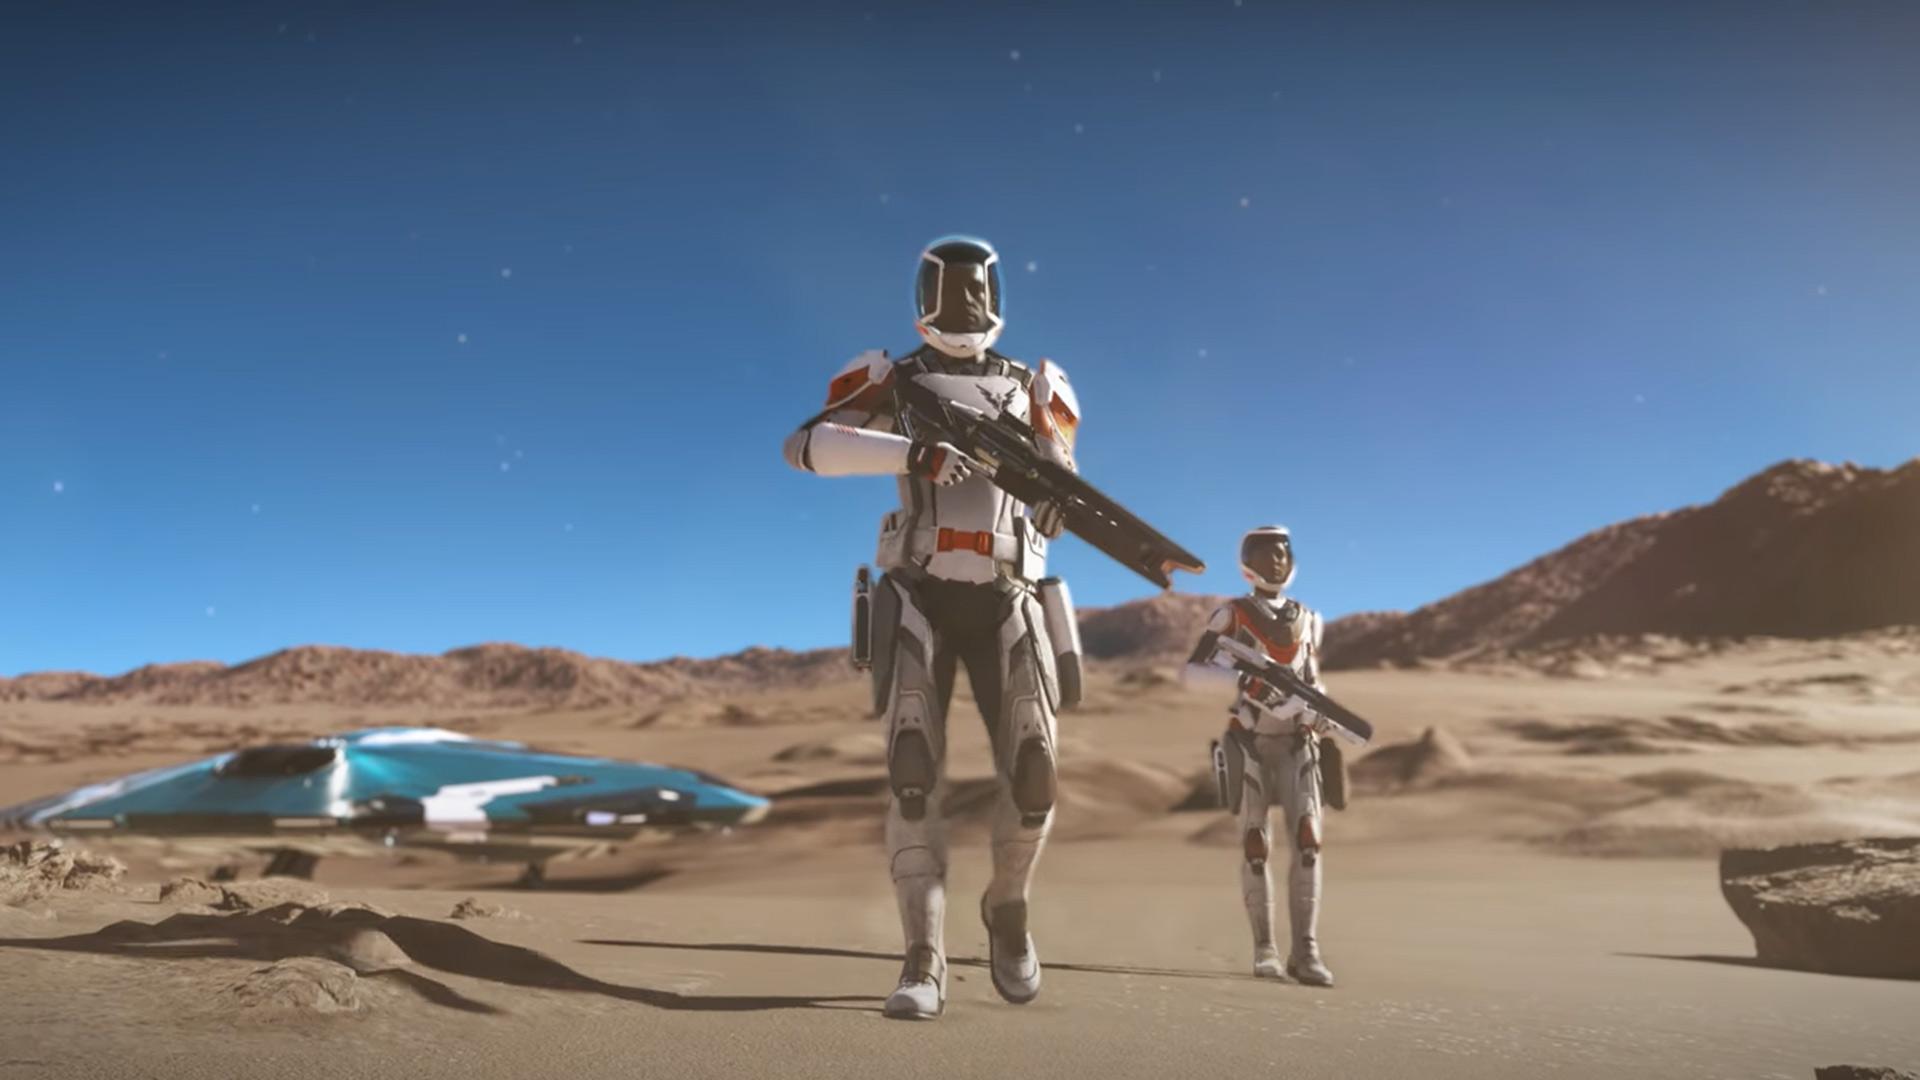 The Elite Dangerous Odyssey update has been delayed.